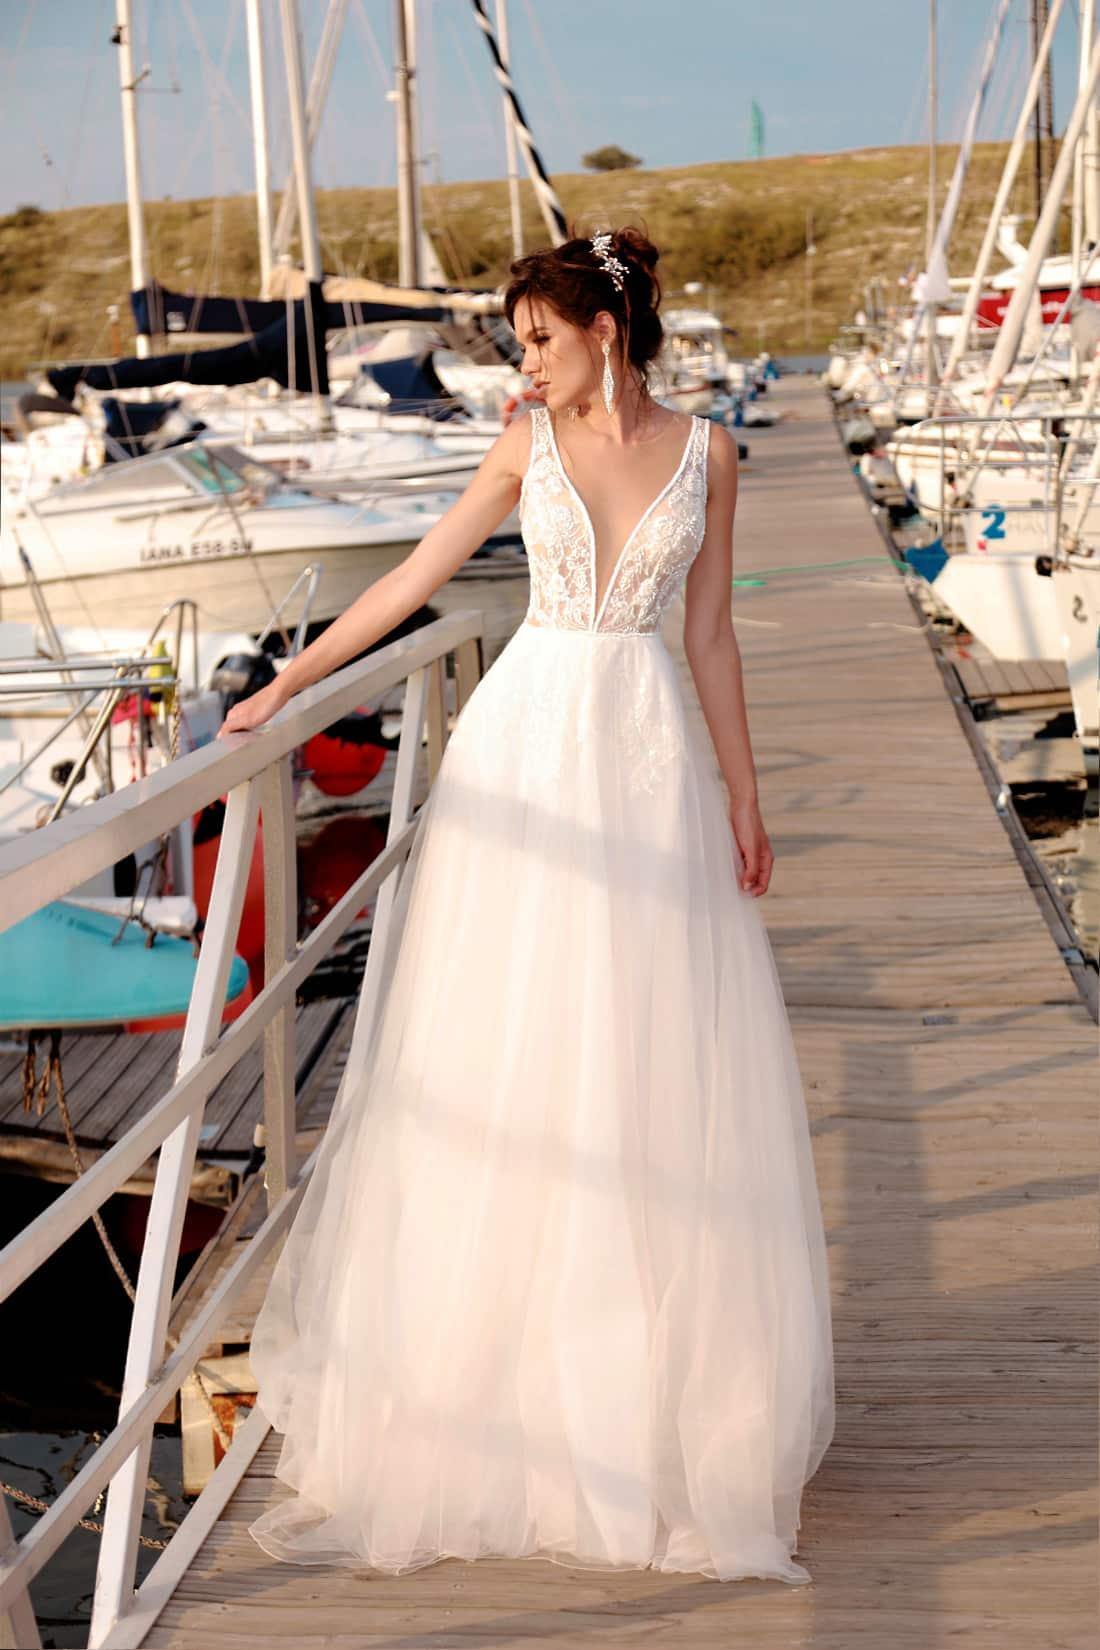 asora sposa rochii de mireasa rochie de mireasa lejera rochie de mireasa